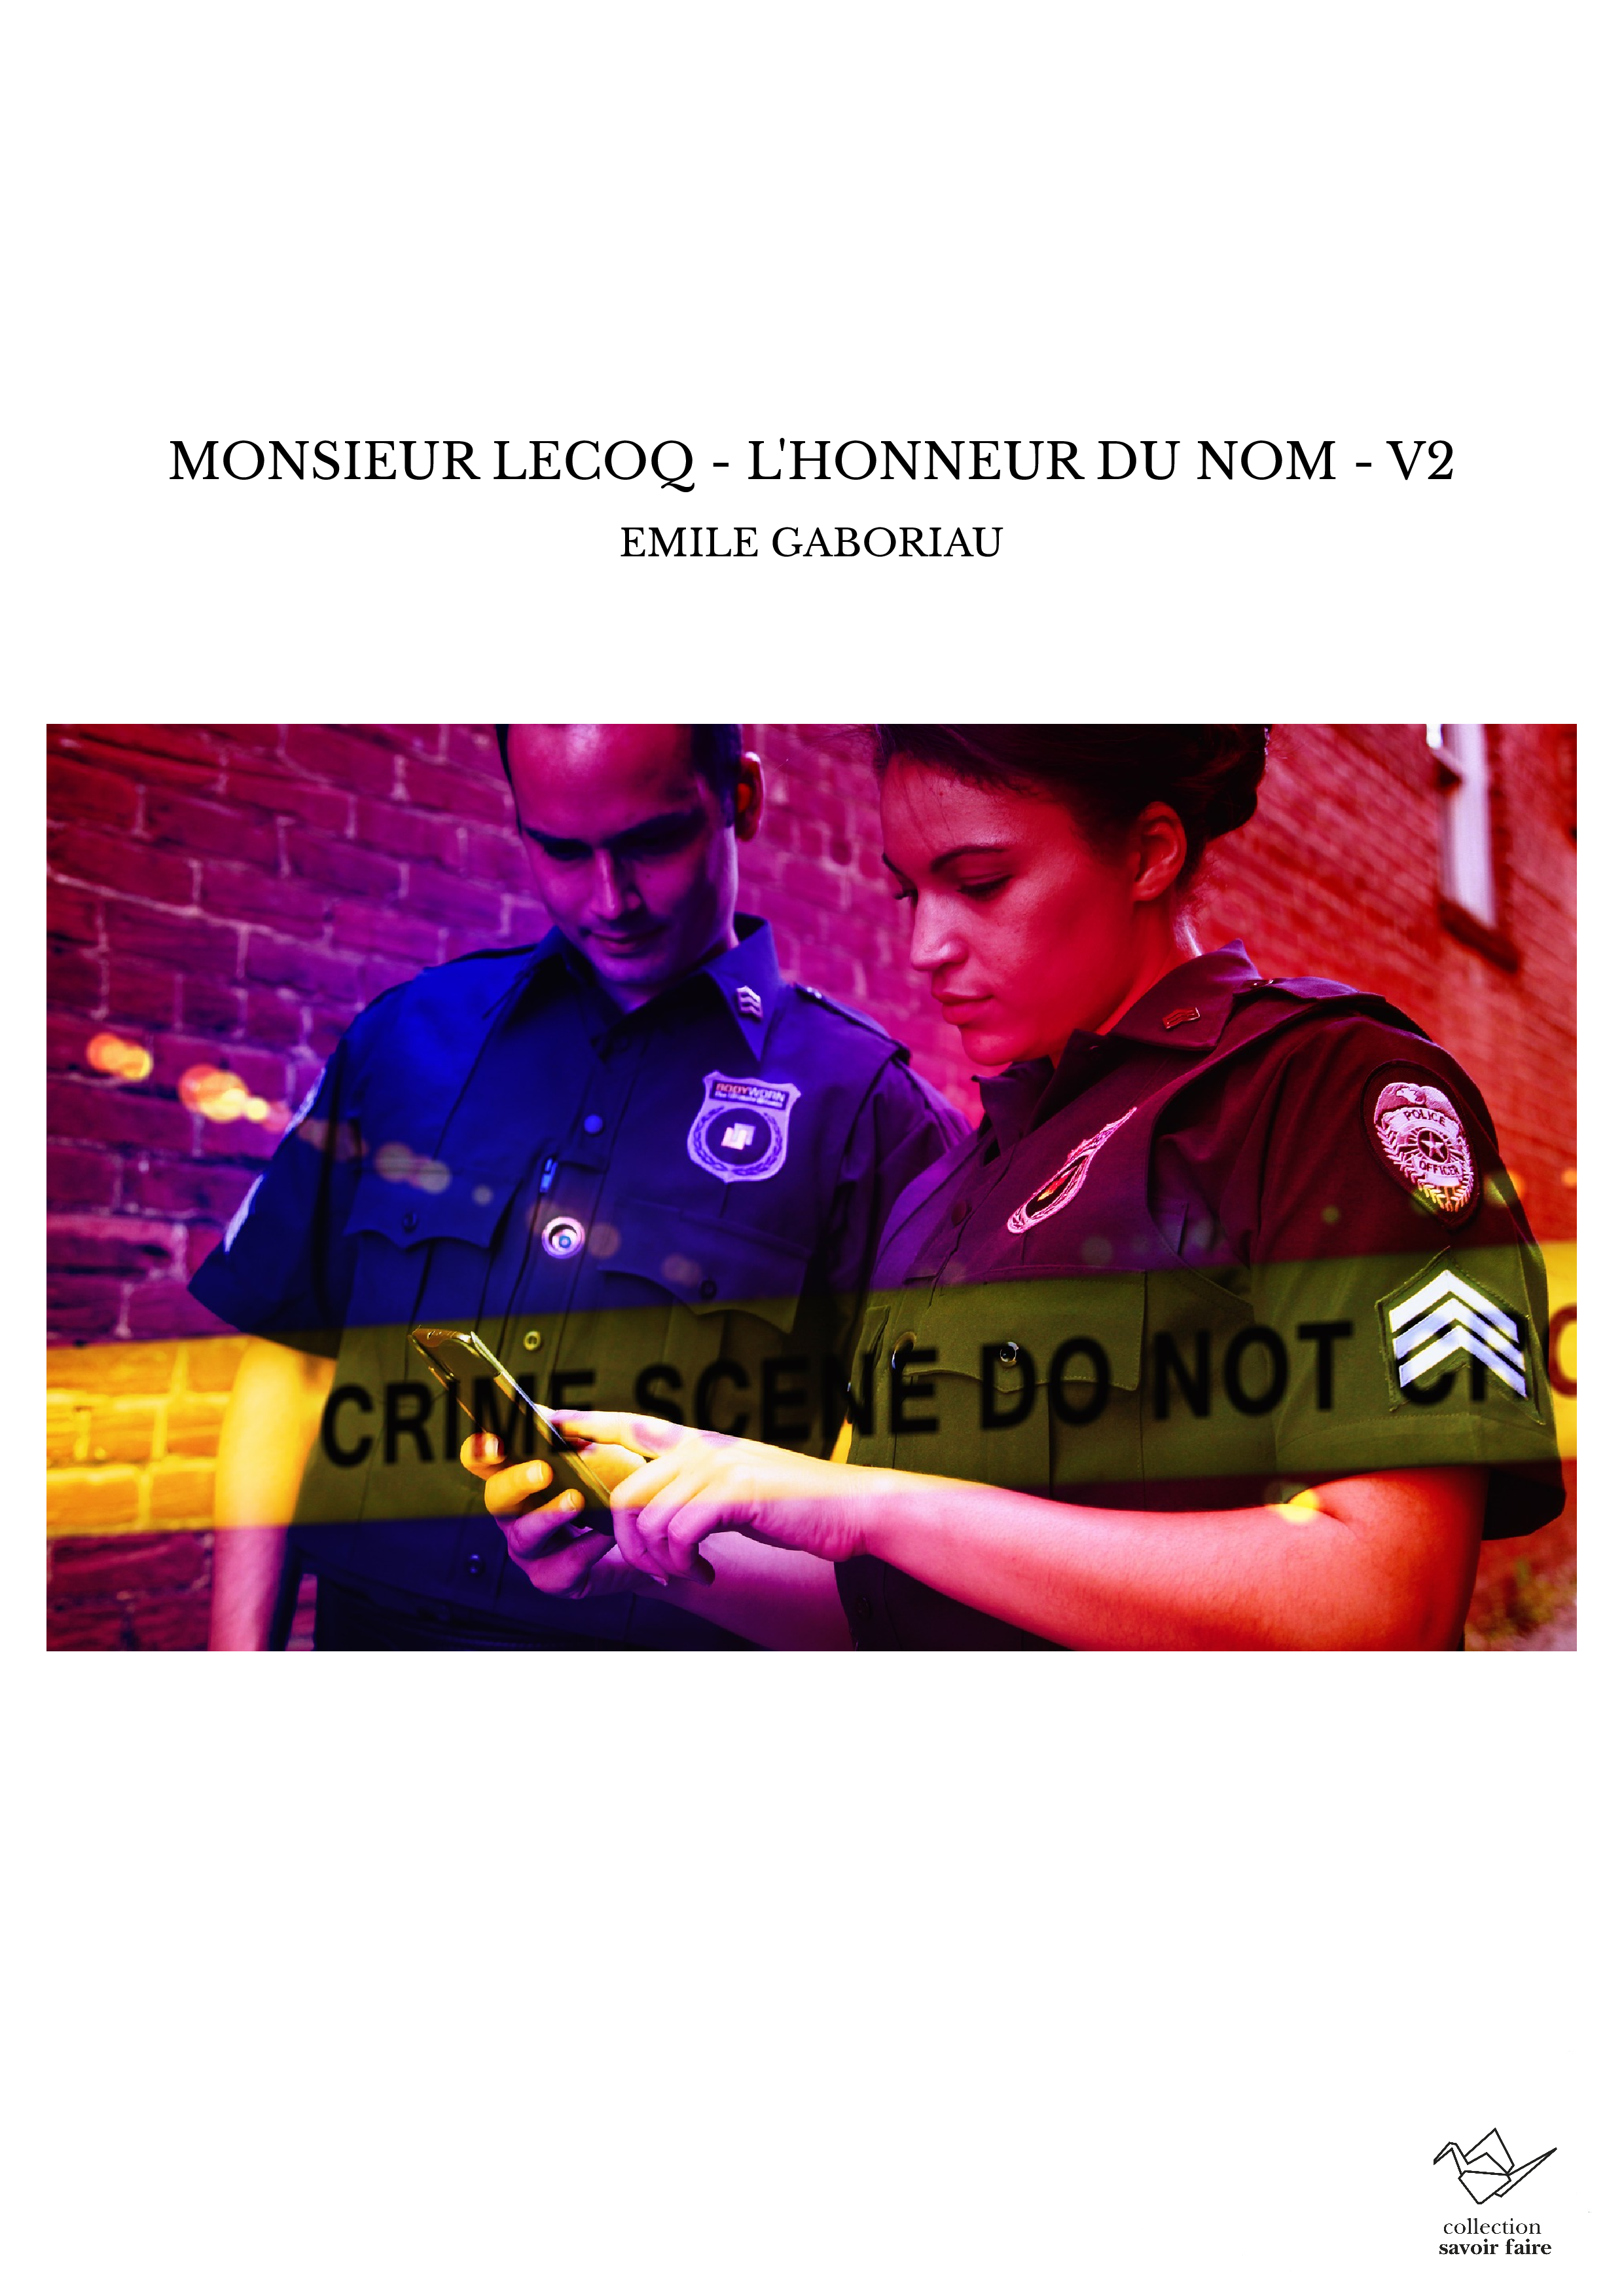 MONSIEUR LECOQ - L'HONNEUR DU NOM - V2